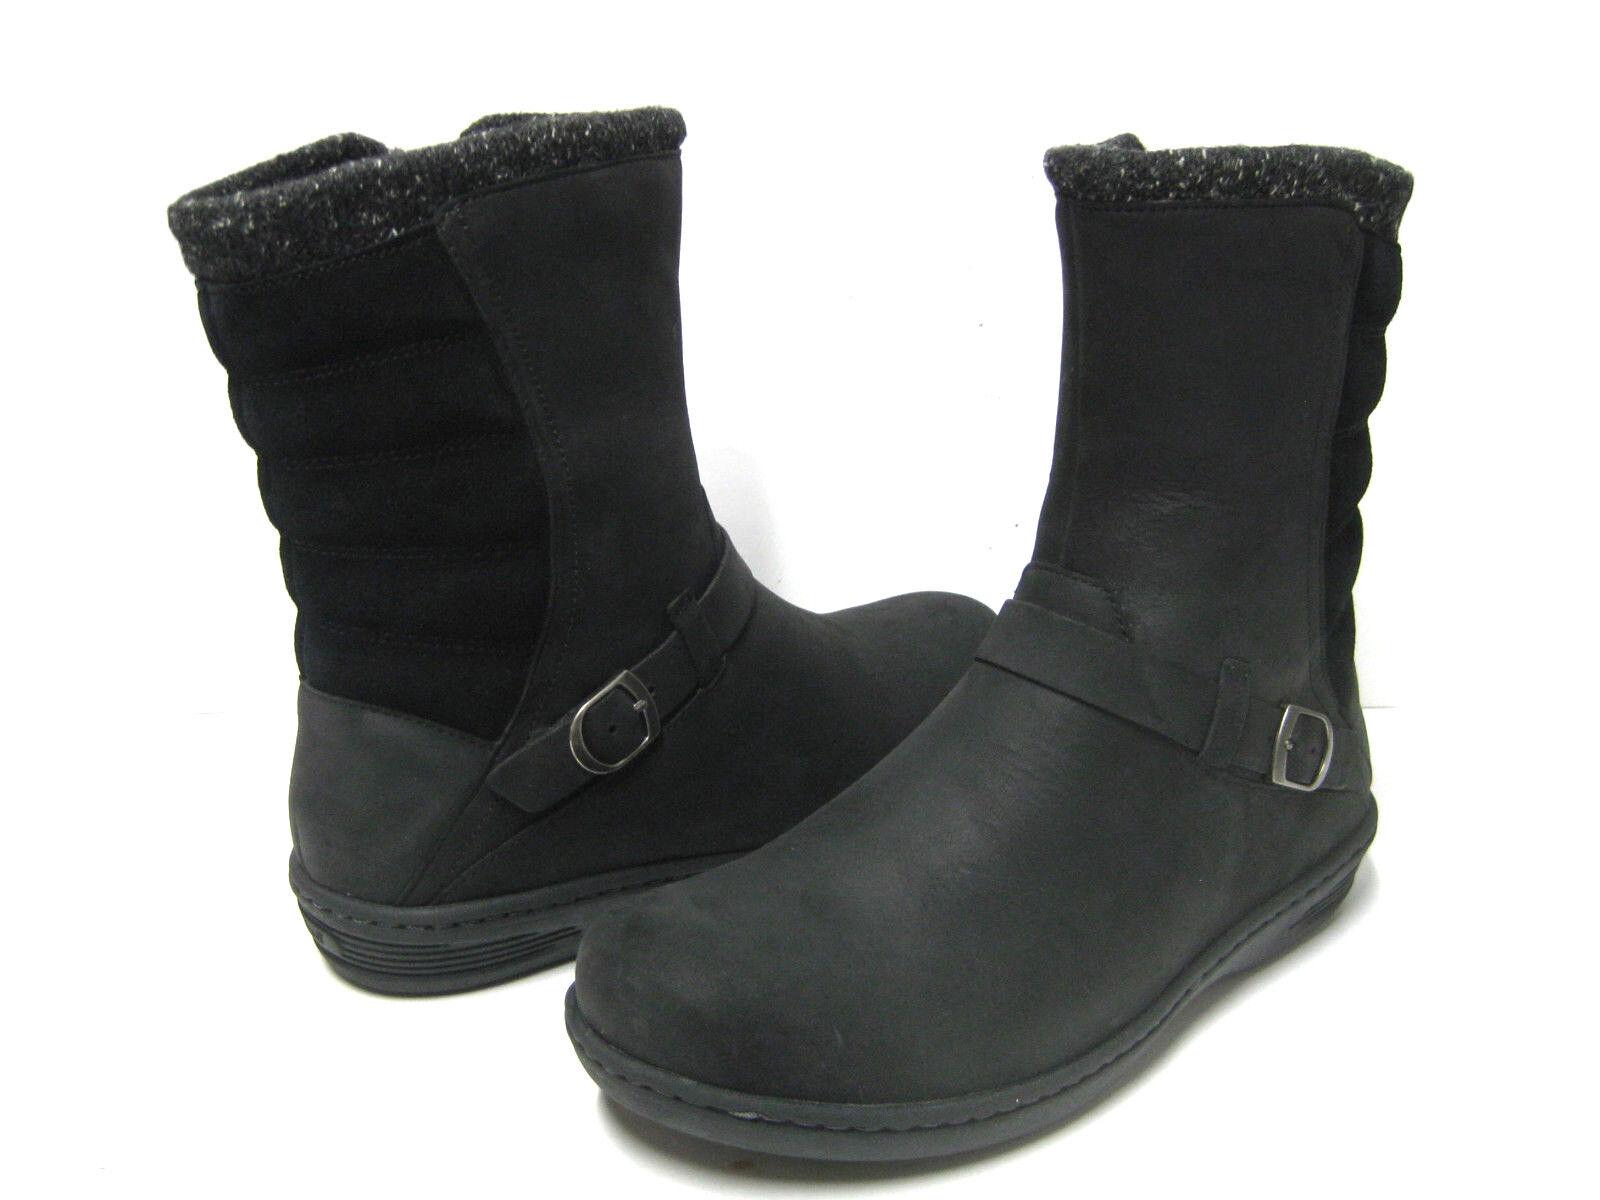 Teva Nopal Mid Women Boots Black US 9.5  UK7.5  EU40.5